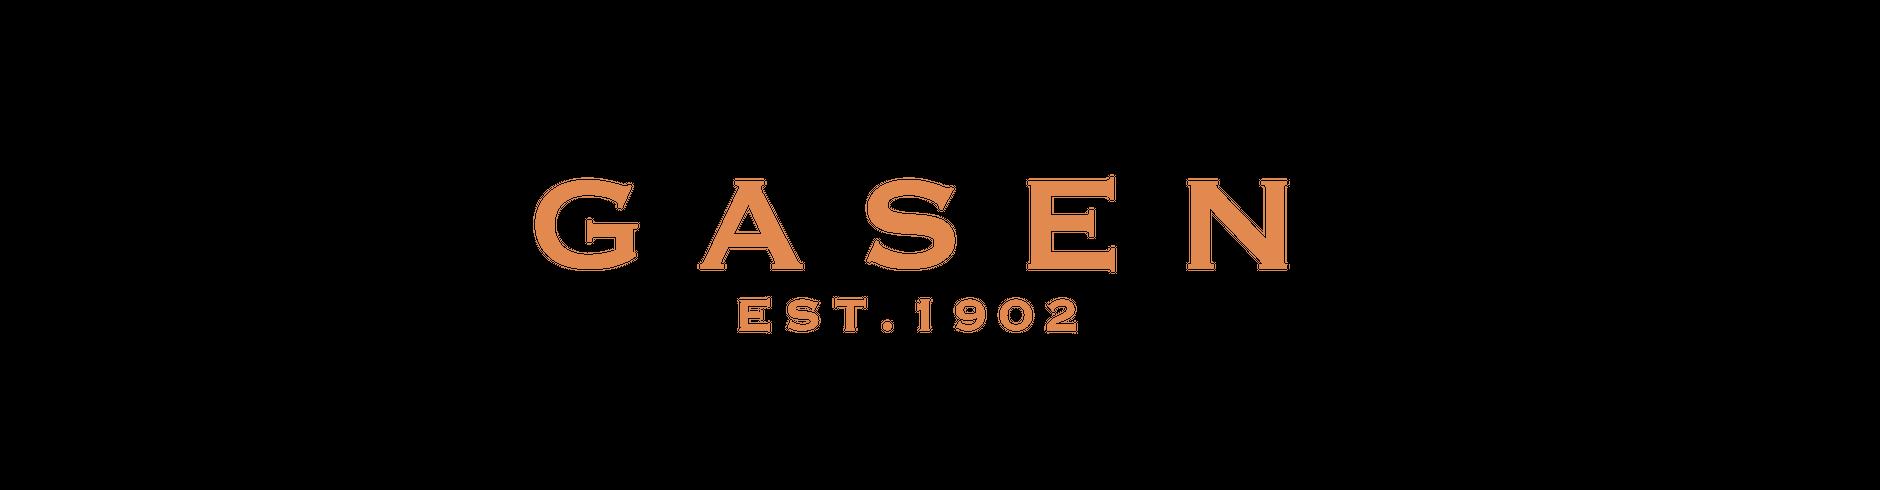 山形鋳物 雅山 GASEN | 創業1902年